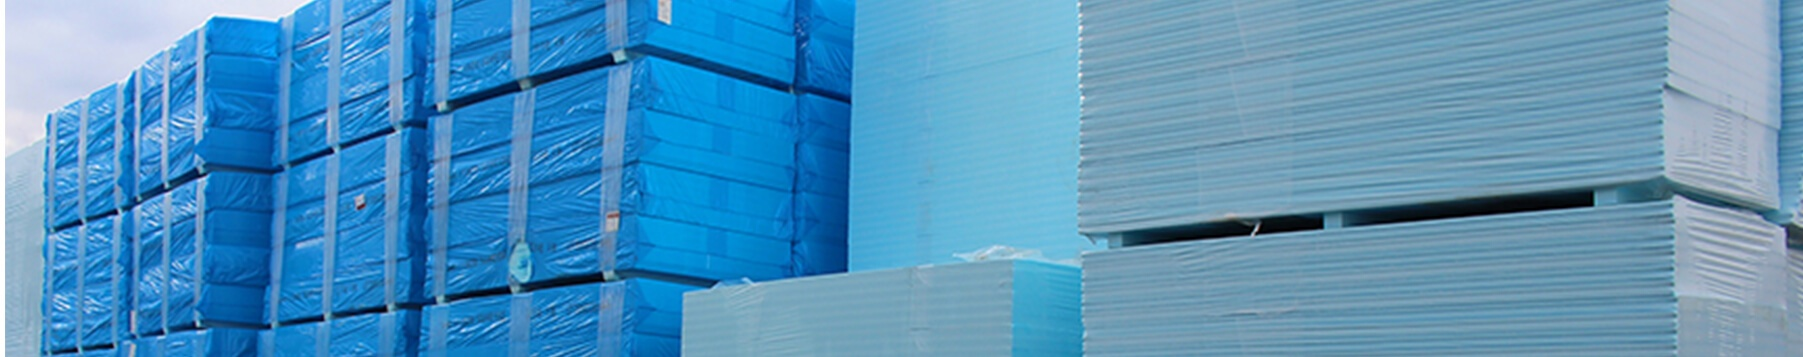 Industrial Logistics Solutions